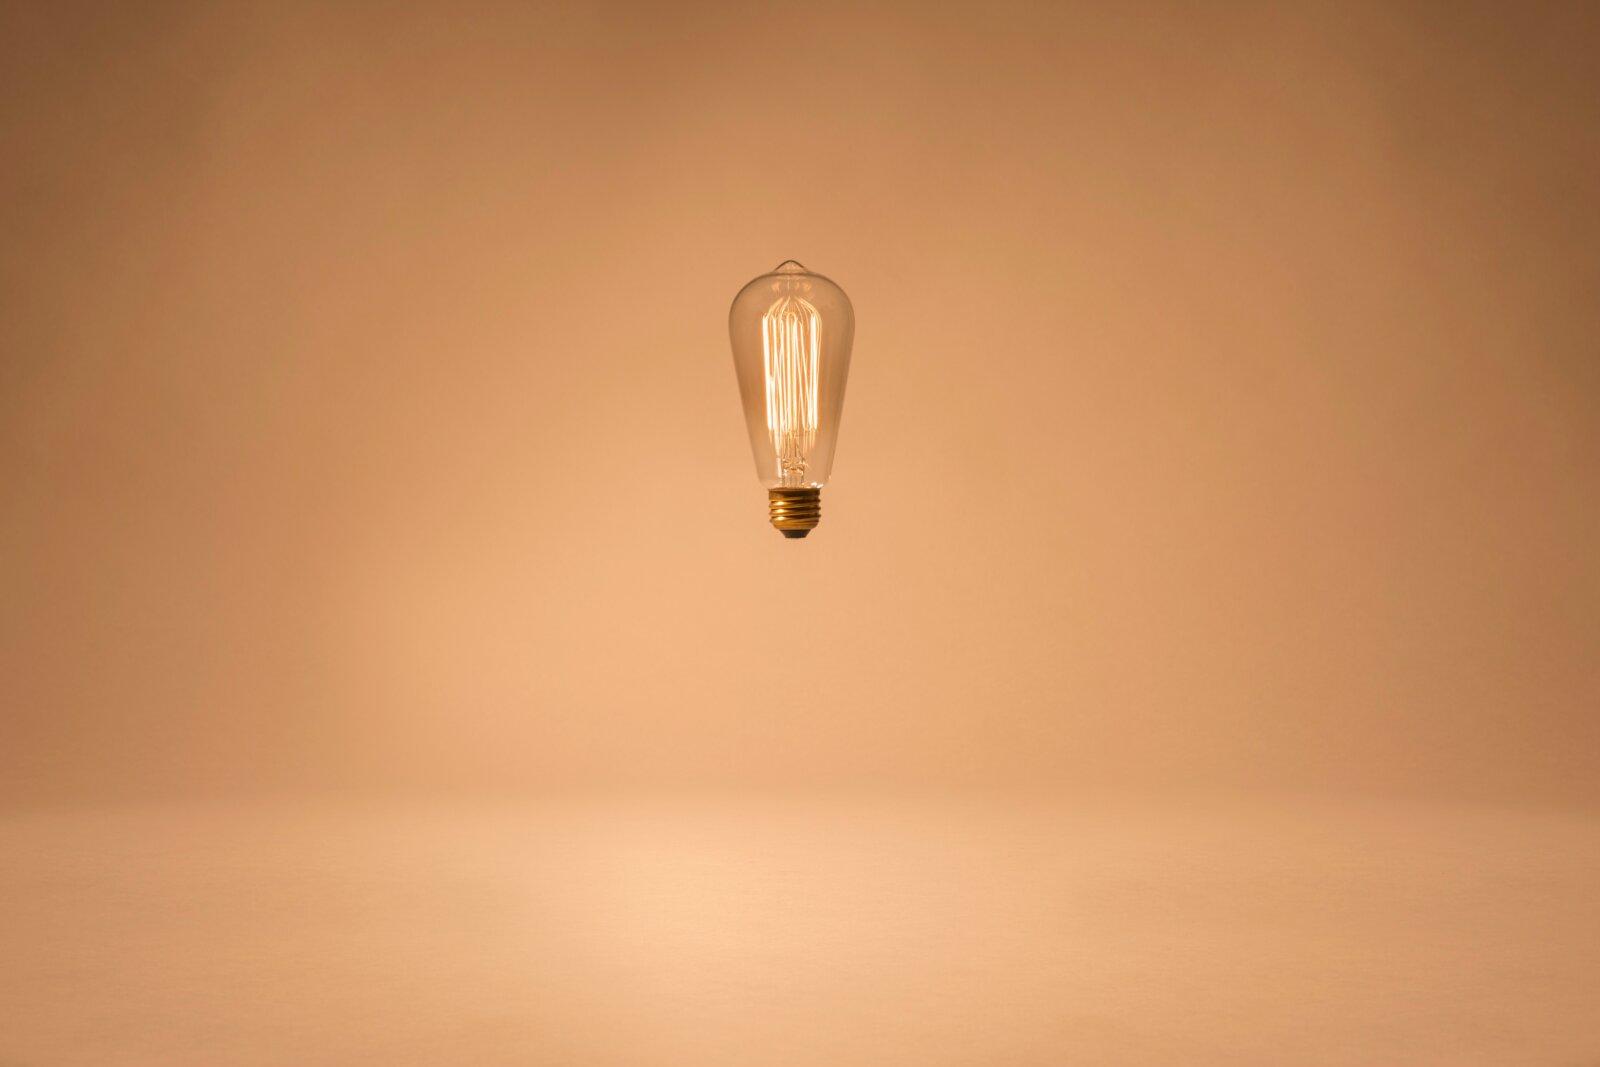 идеи для стартапа